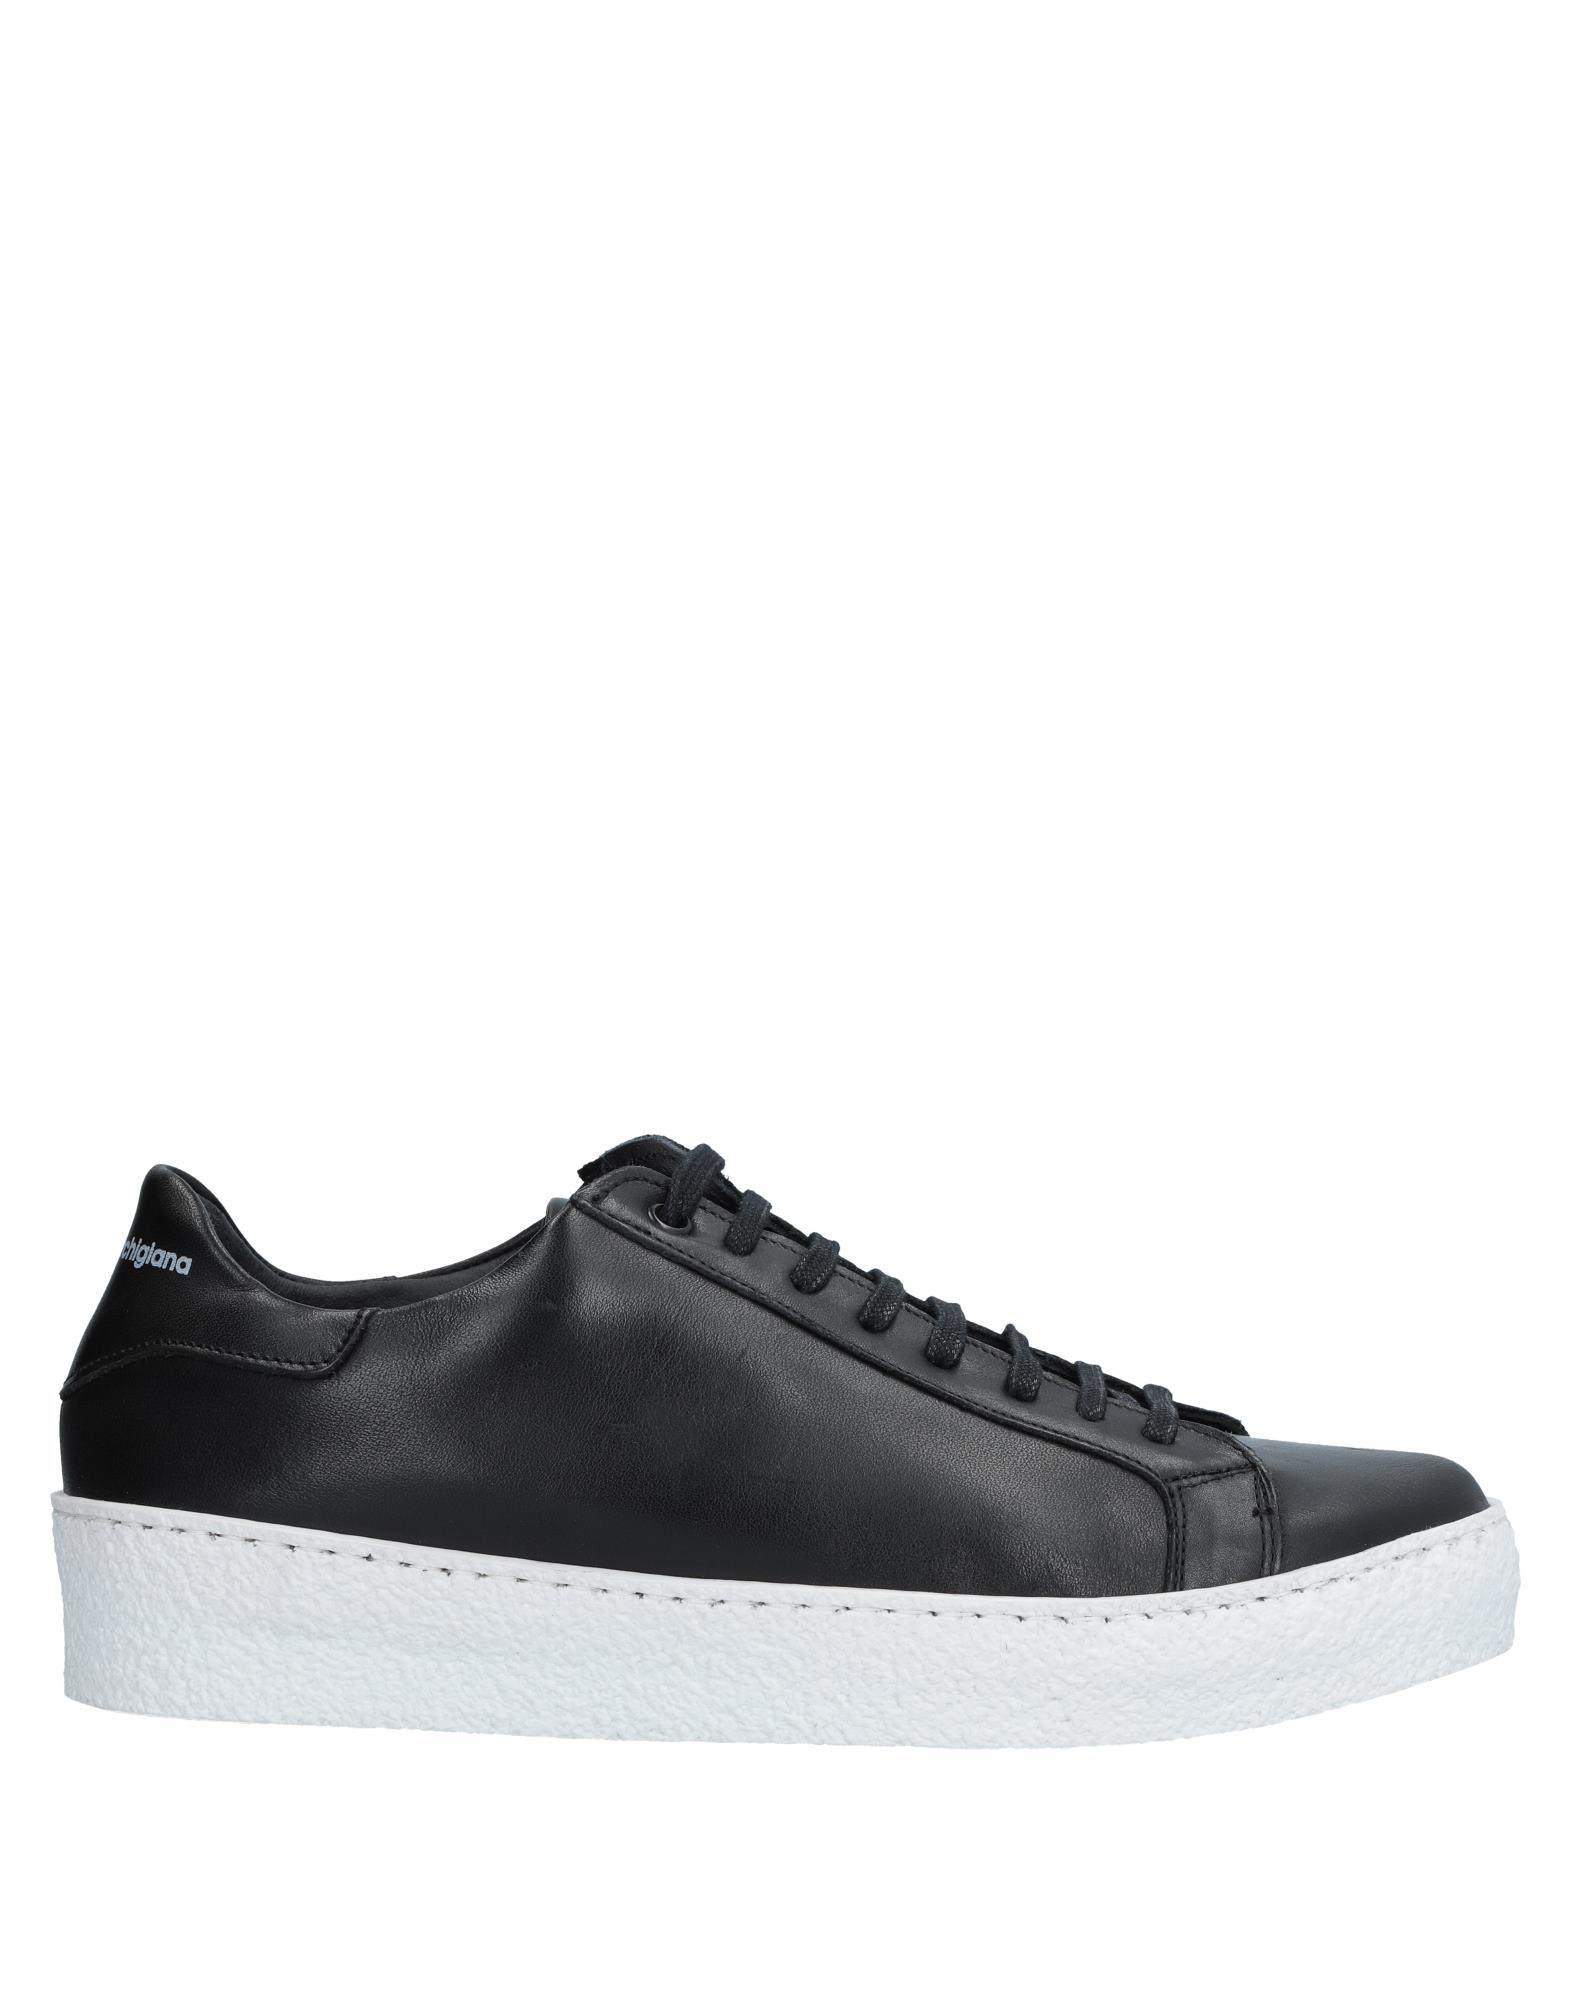 Bottega Marchigiana Sneakers Herren  11543902TU Gute Qualität beliebte Schuhe